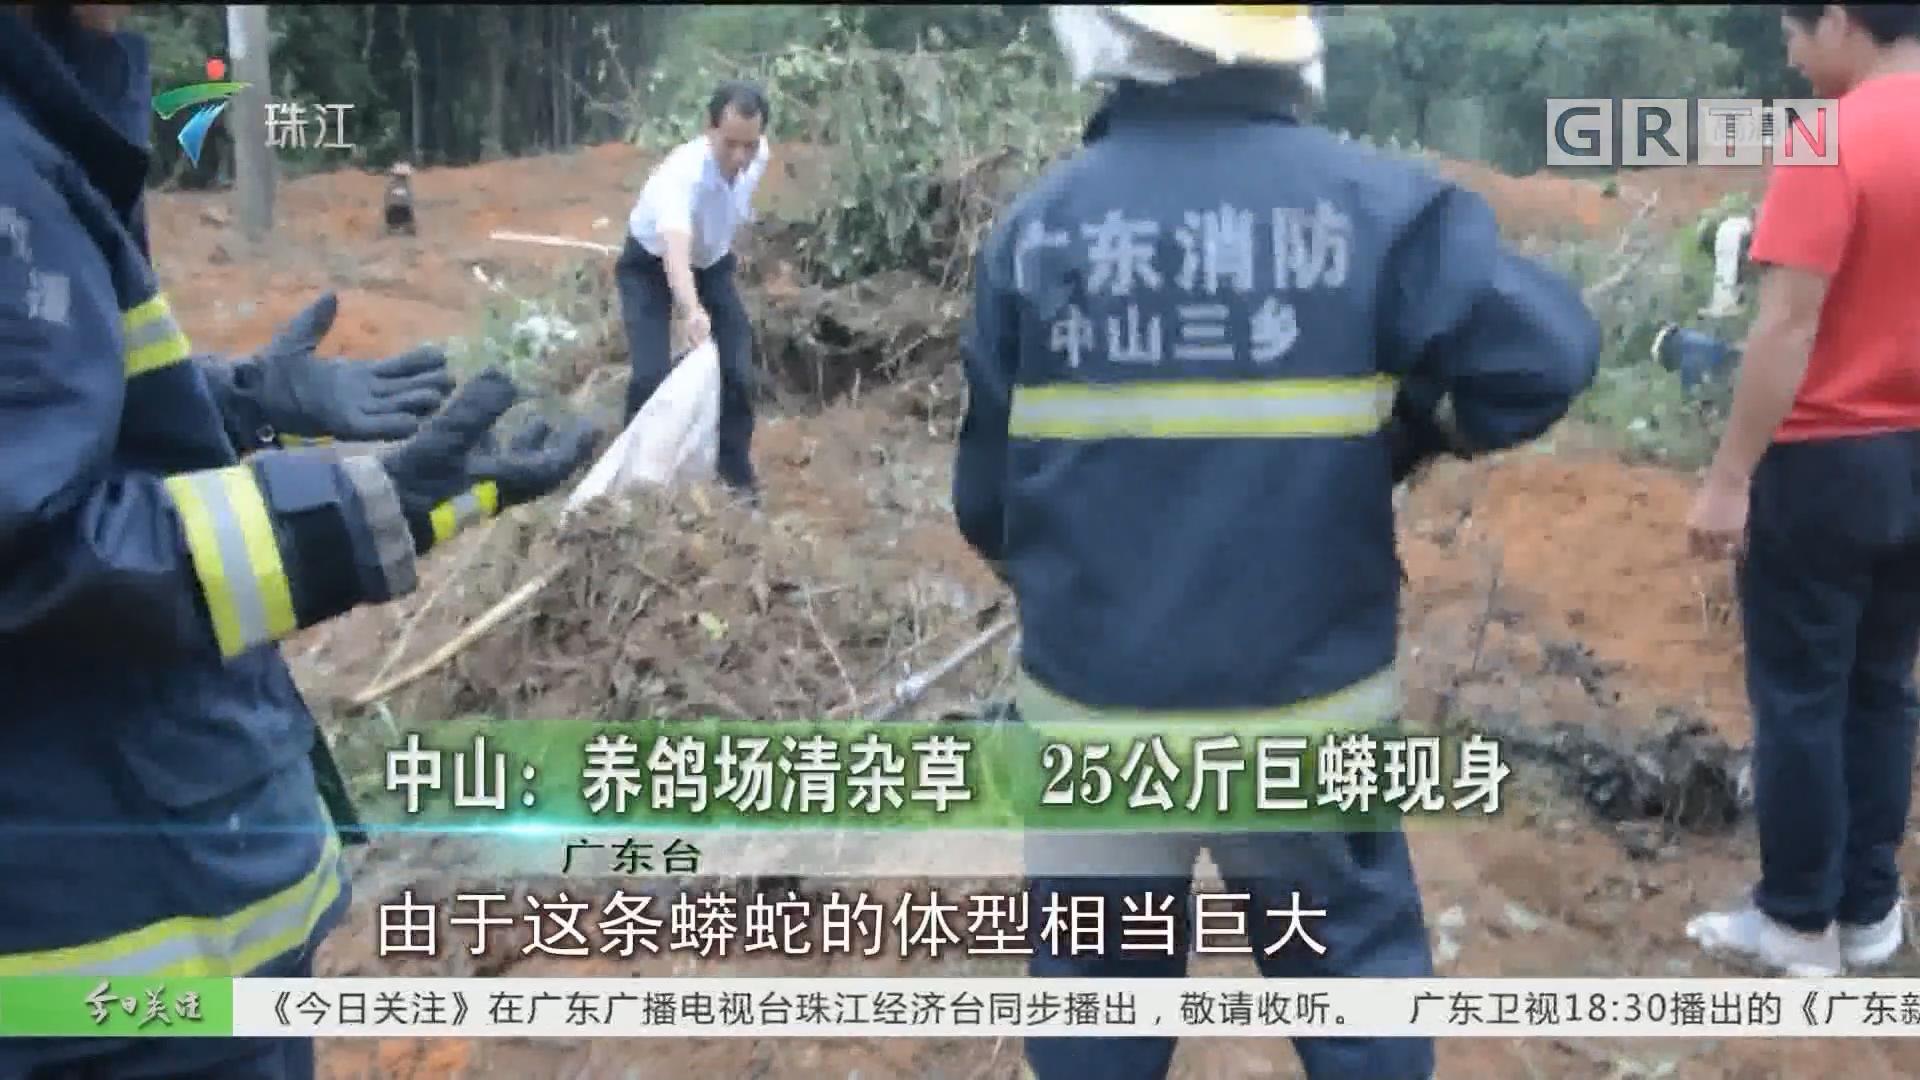 中山:养鸽场清杂草 25公斤巨蟒现身